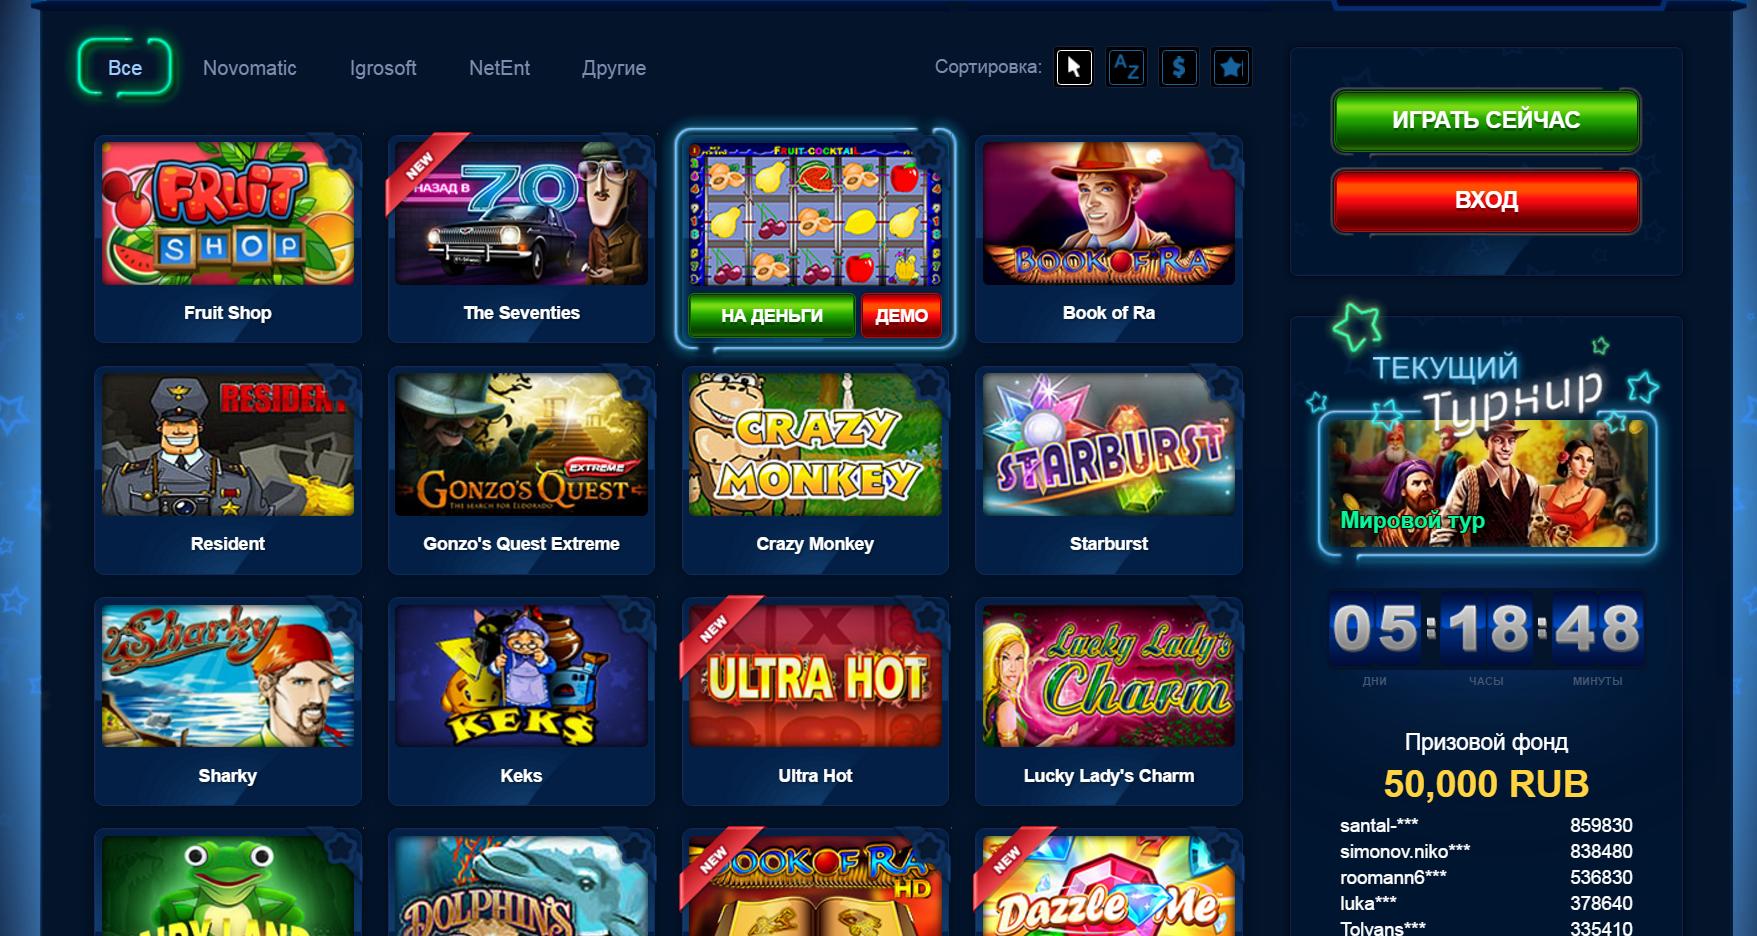 скачать казино вулкан 24 онлайн